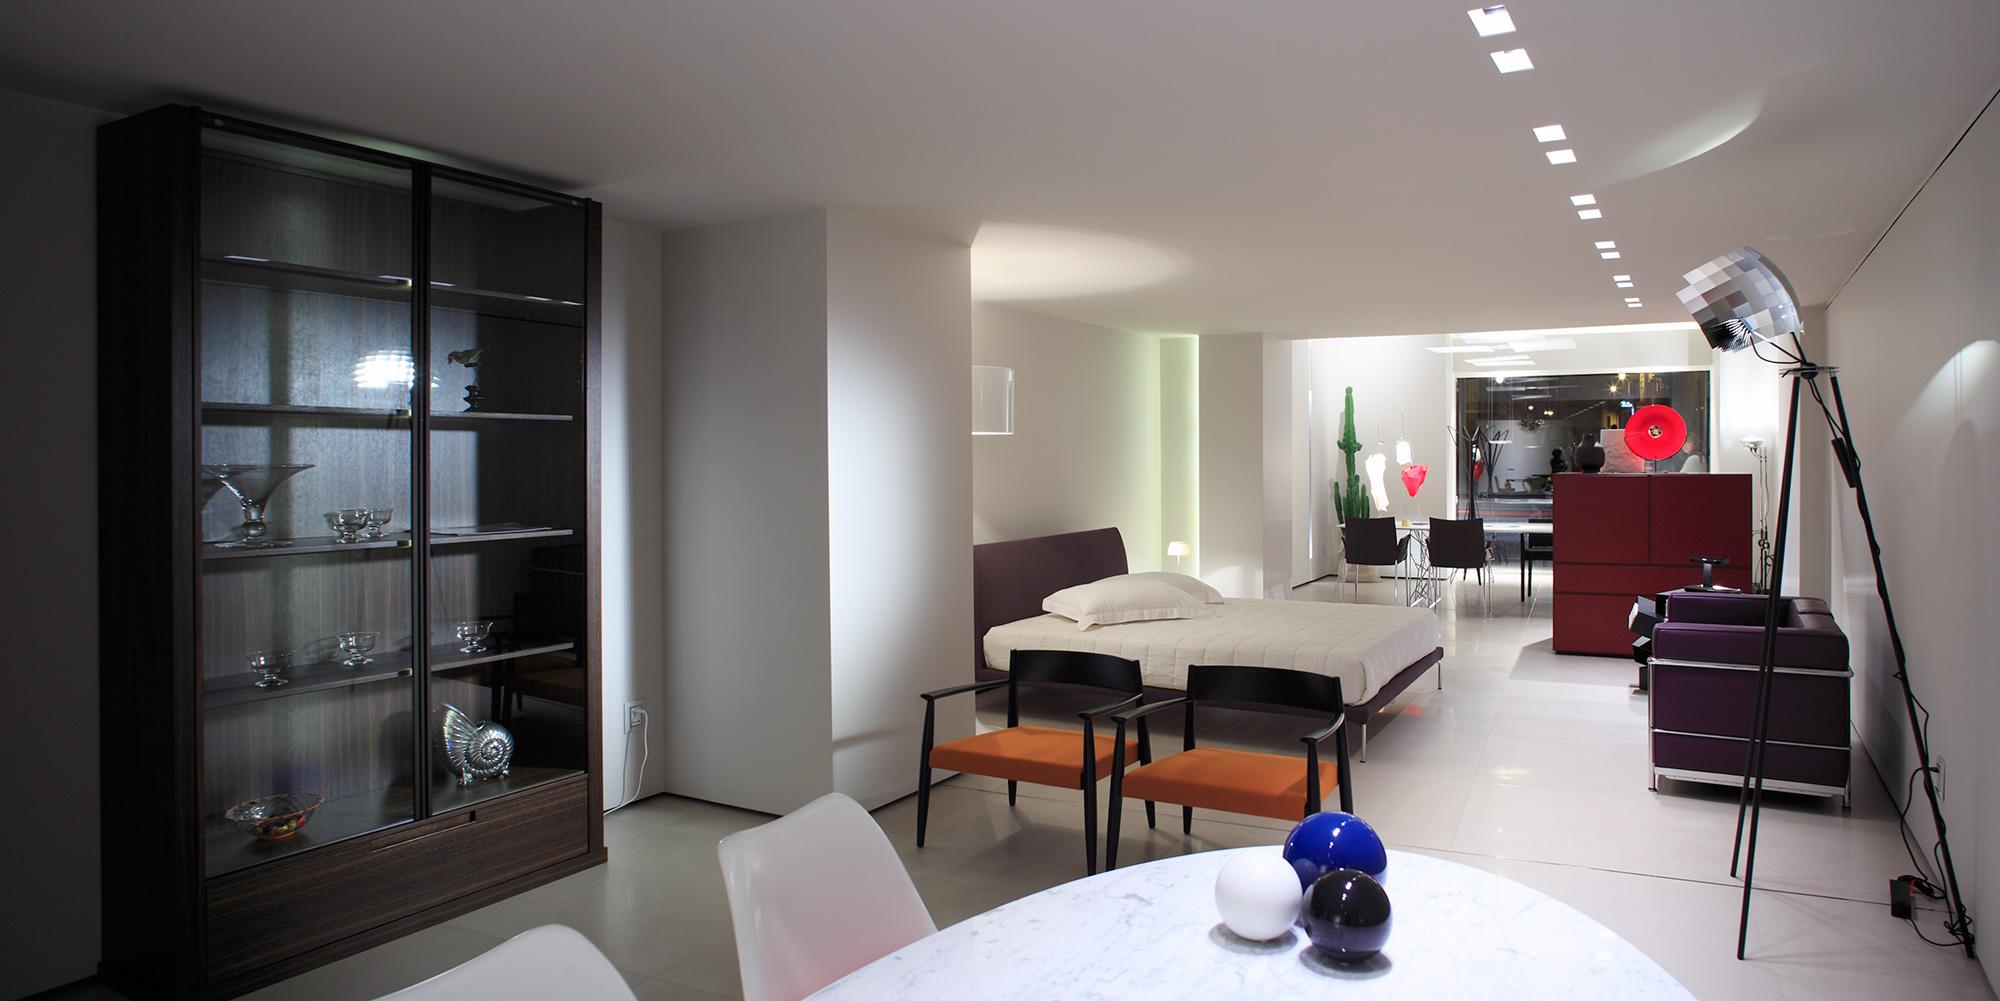 Mastrodonato _ Interiors & Design | Benvenuti nel nuovo showroom ...